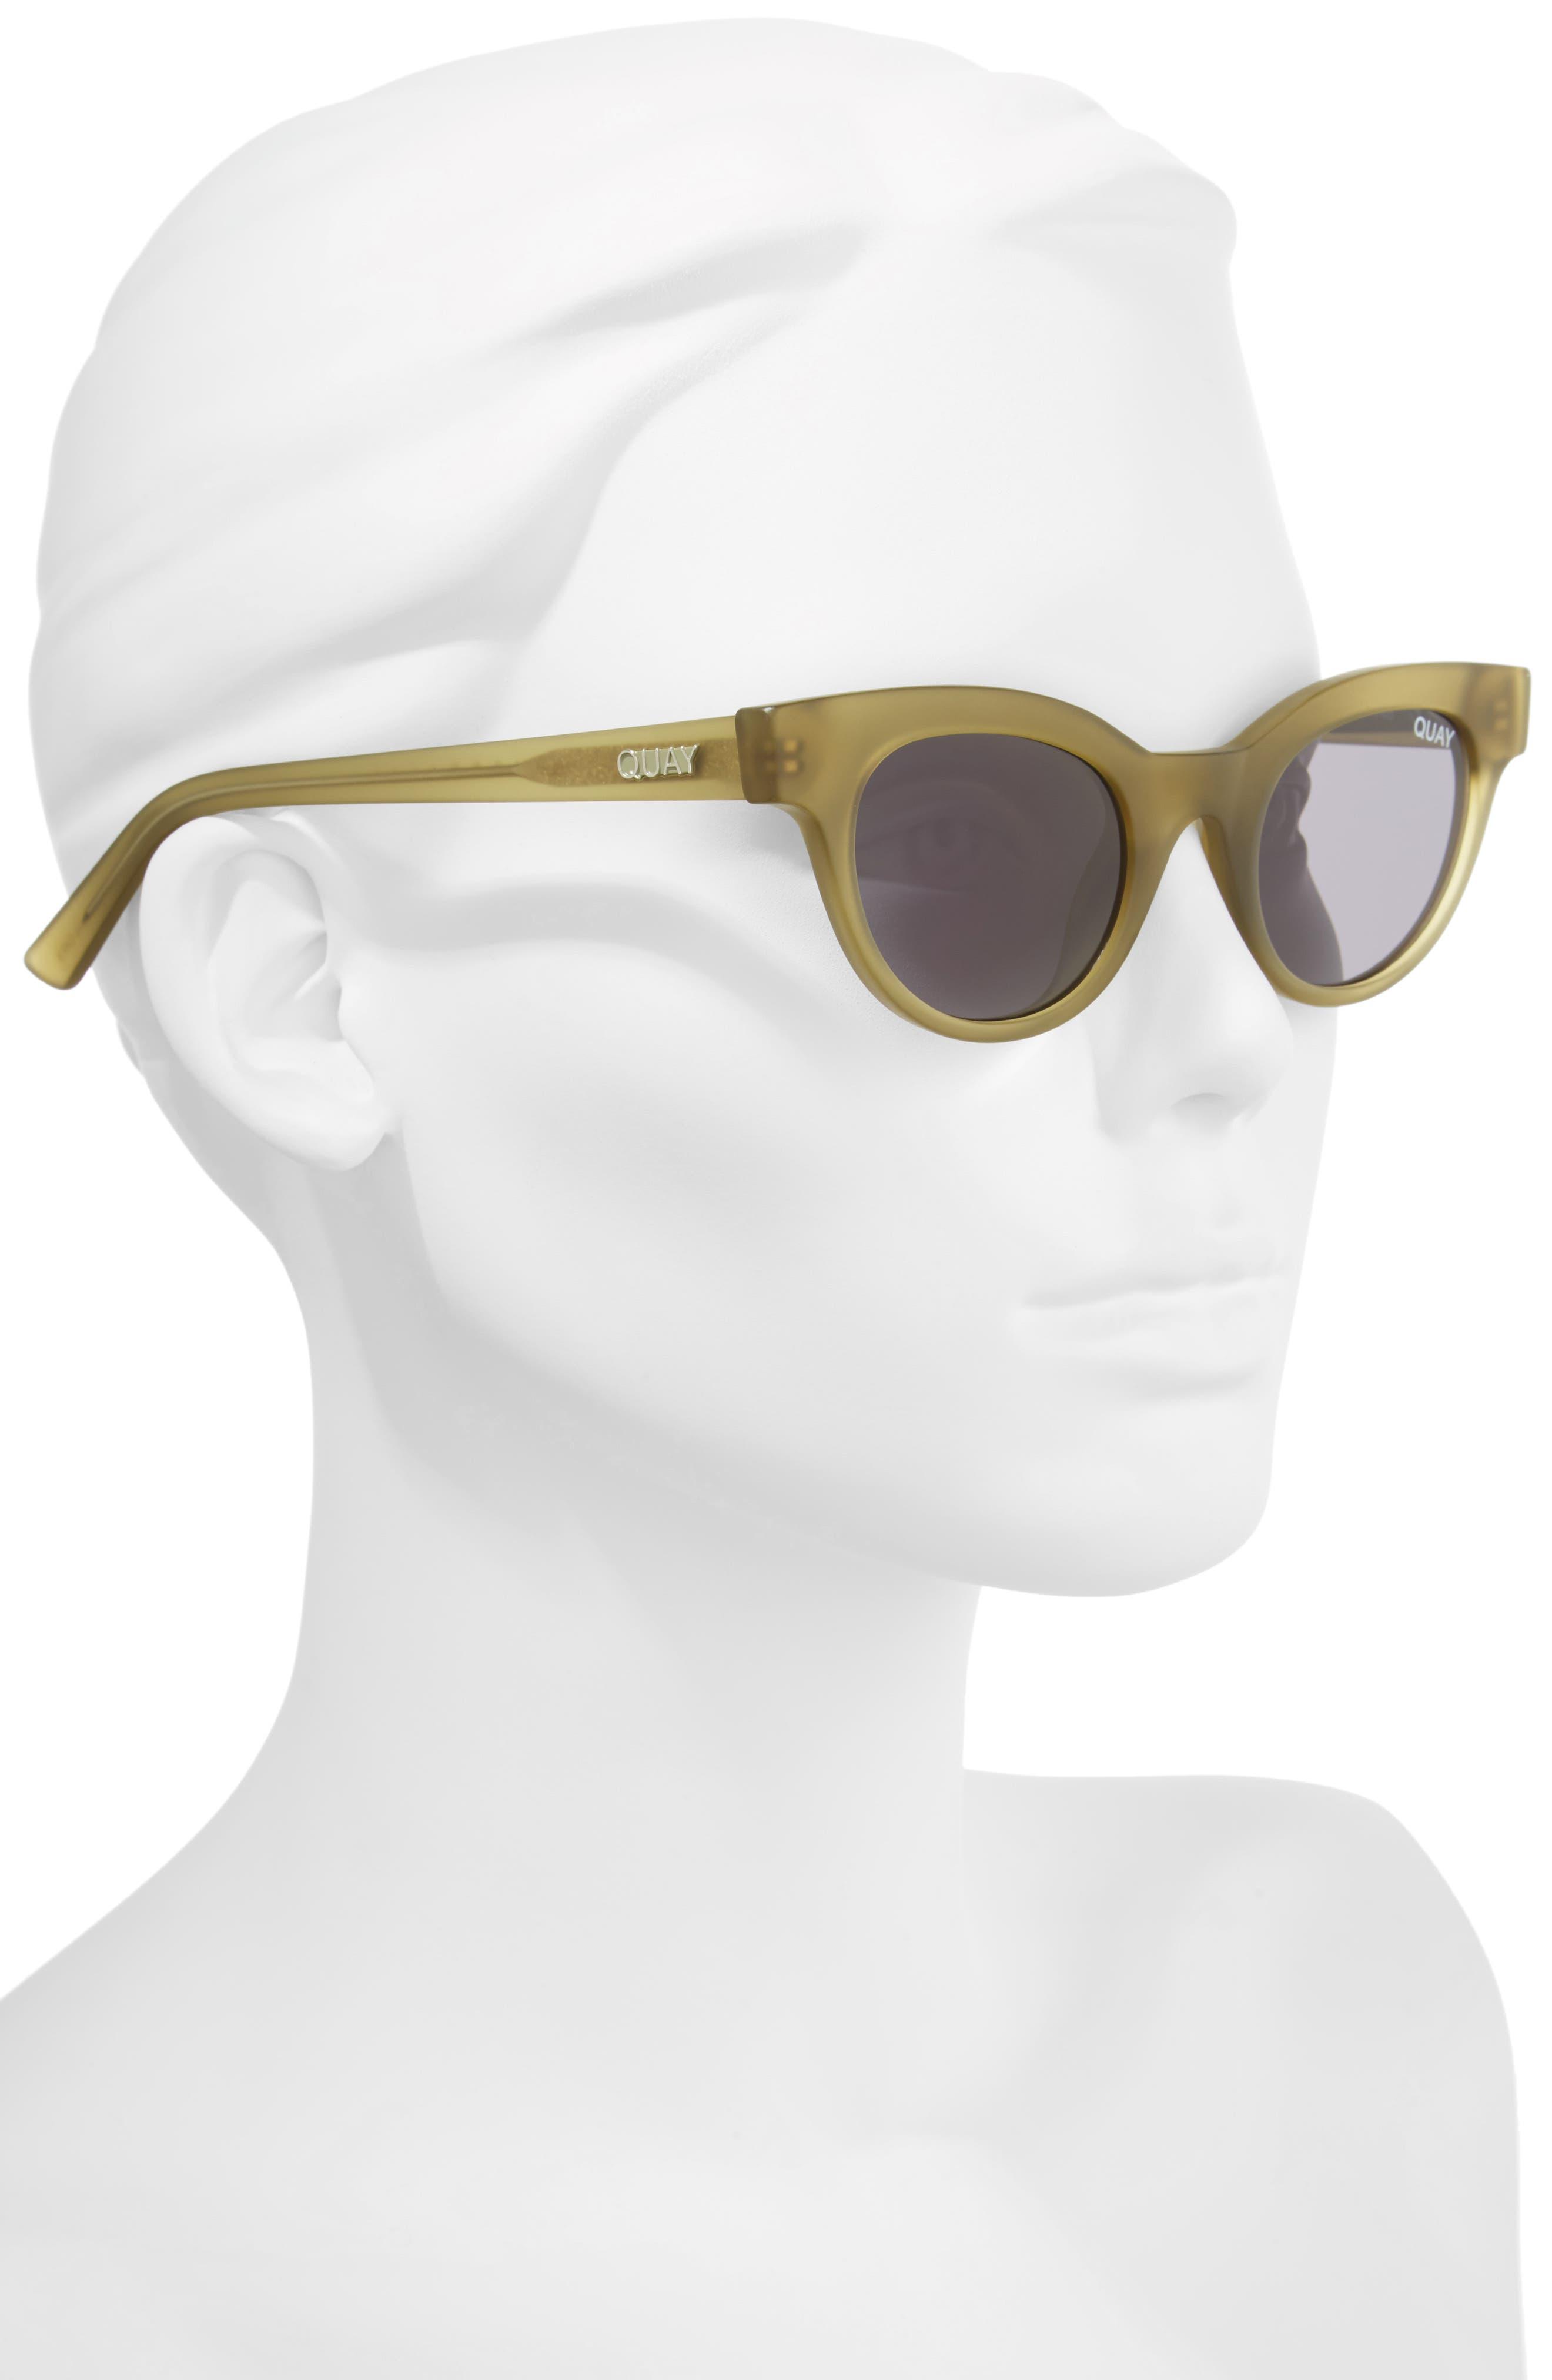 Starstruck 48mm Cat Eye Sunglasses,                             Alternate thumbnail 2, color,                             300